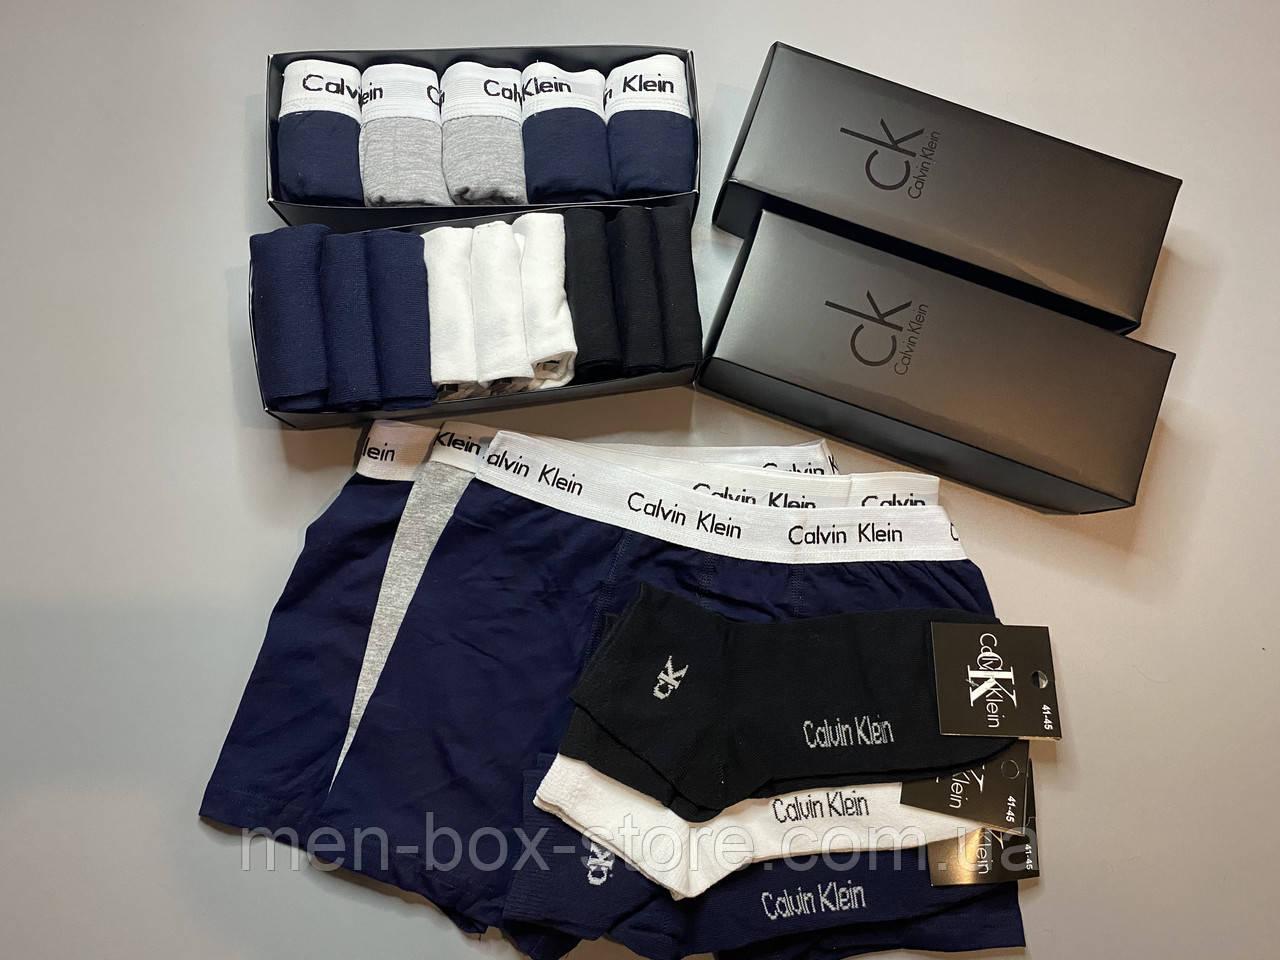 Мужские трусы боксеры и носки (5 шт.) + носки (8 пар).(в подарочных коробках. Трусы транки боксеры шорты